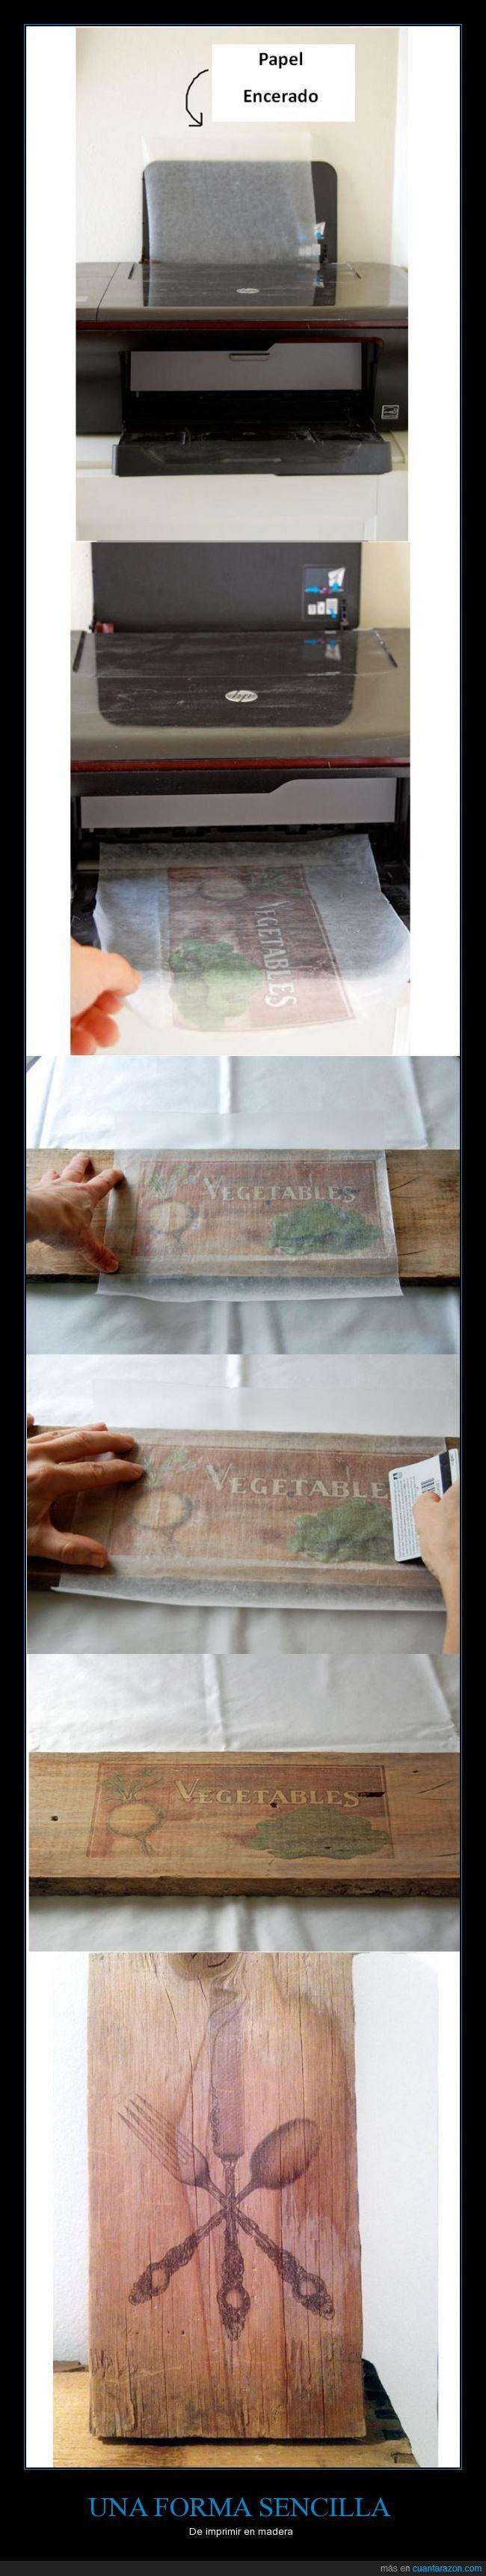 Sencillo, bonito y barato - De imprimir en madera